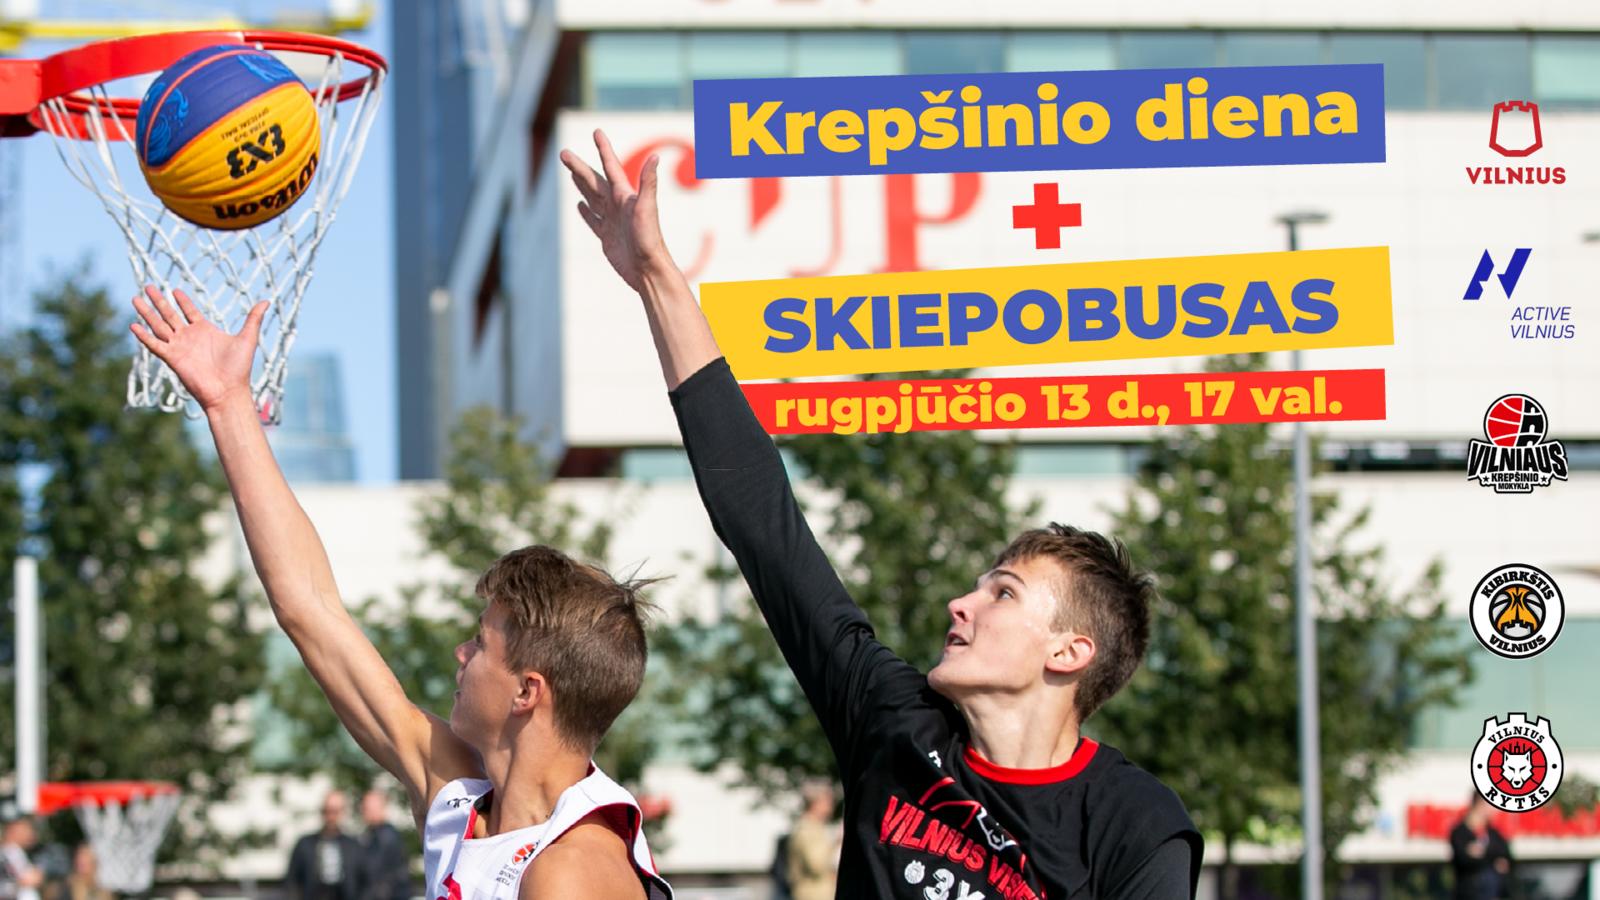 Vilniuje paaugliai bus kviečiami sportuoti su krepšinio žvaigždėmis ir gauti skiepą